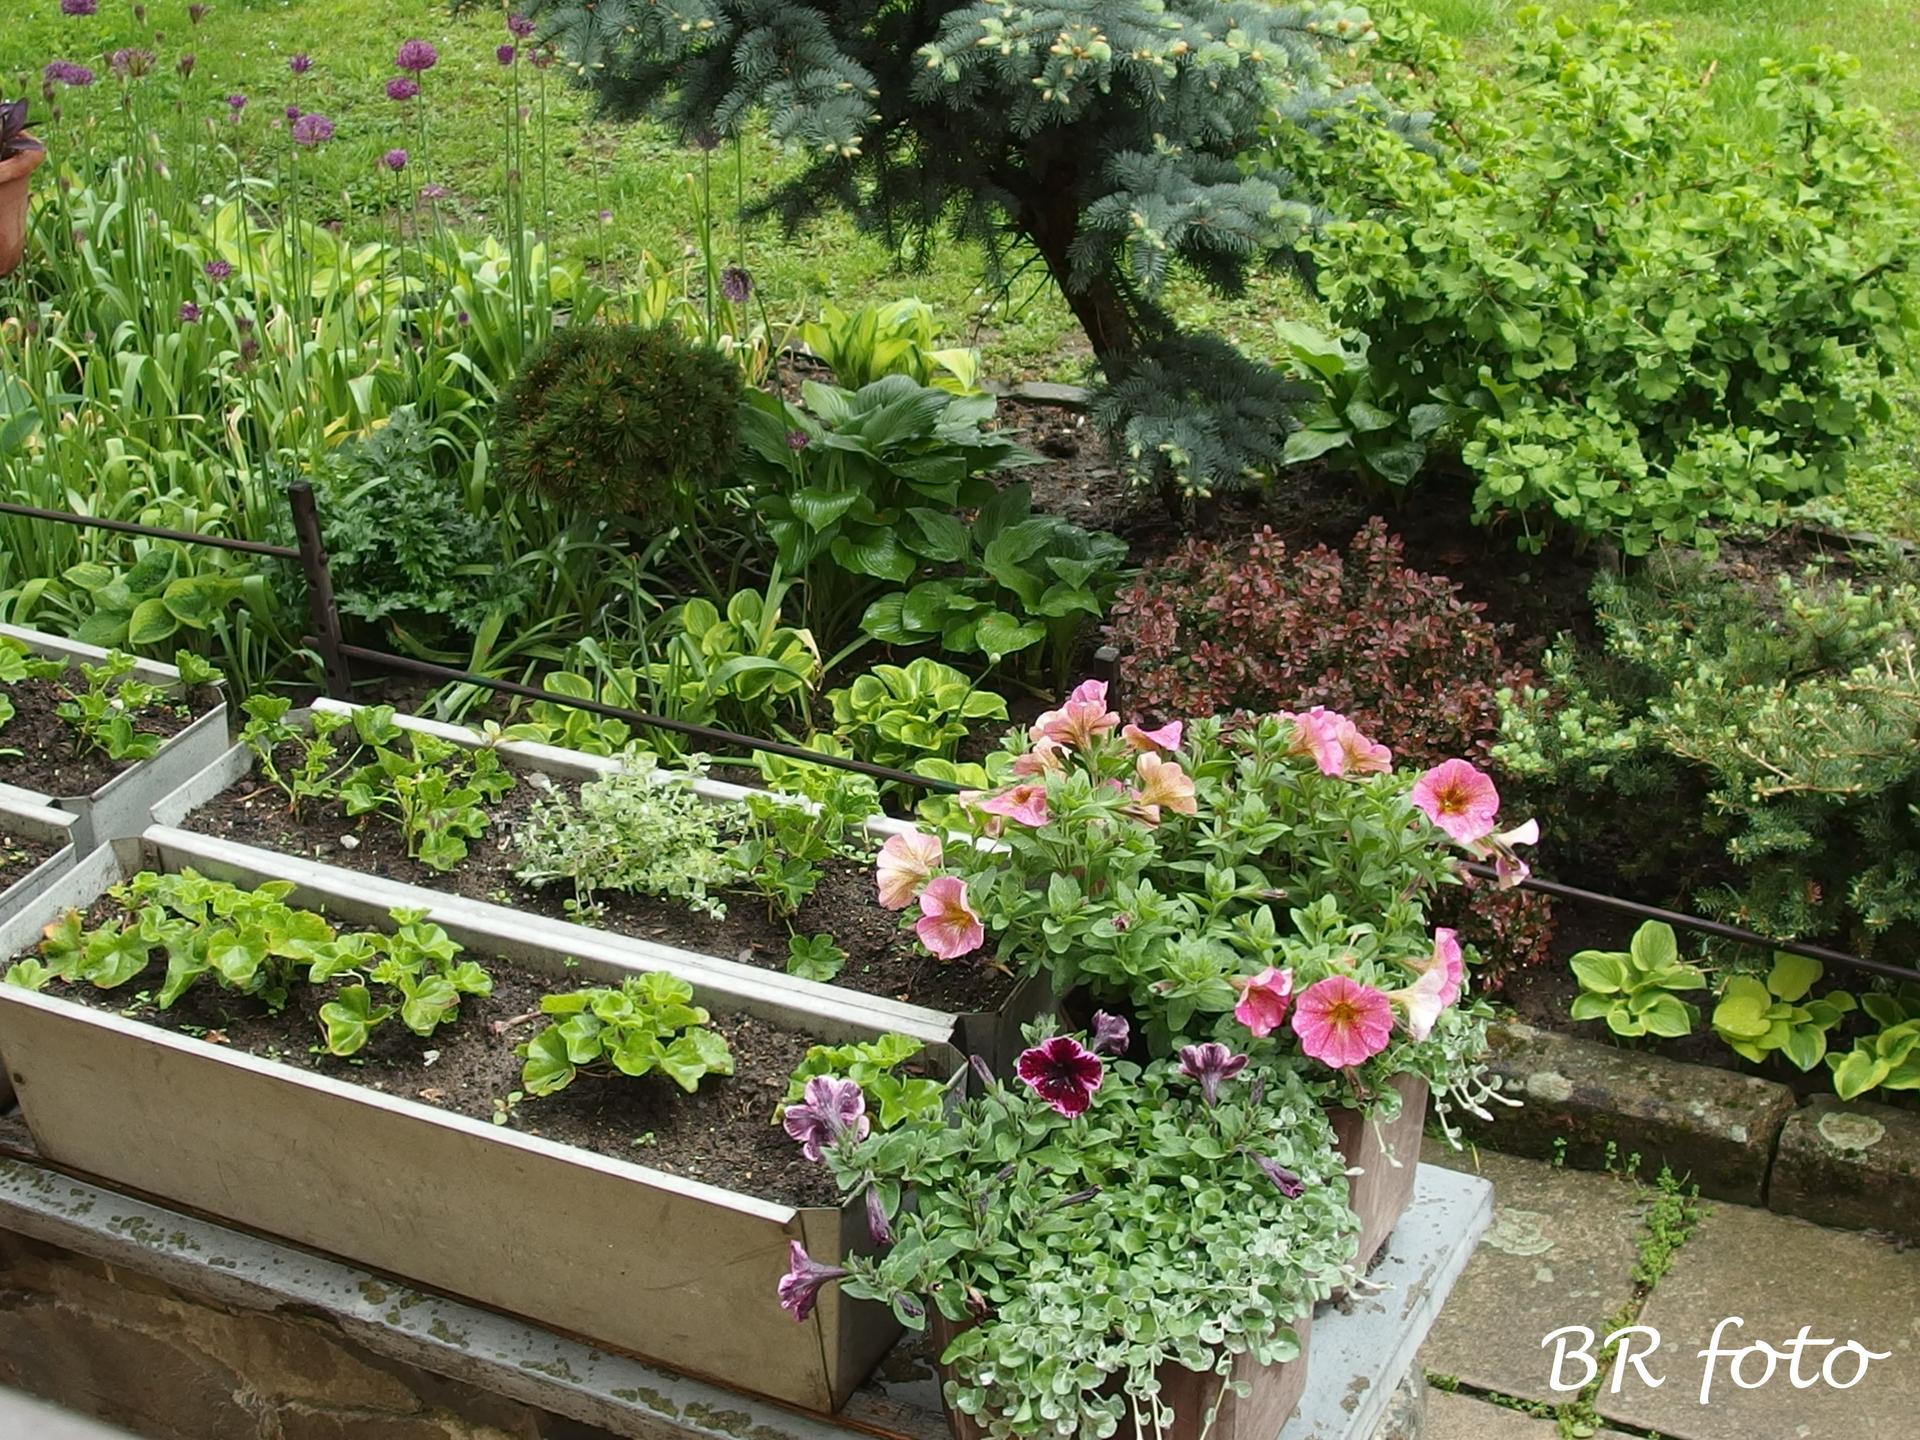 Pozvání do zahrady 2021 - Obrázek č. 100